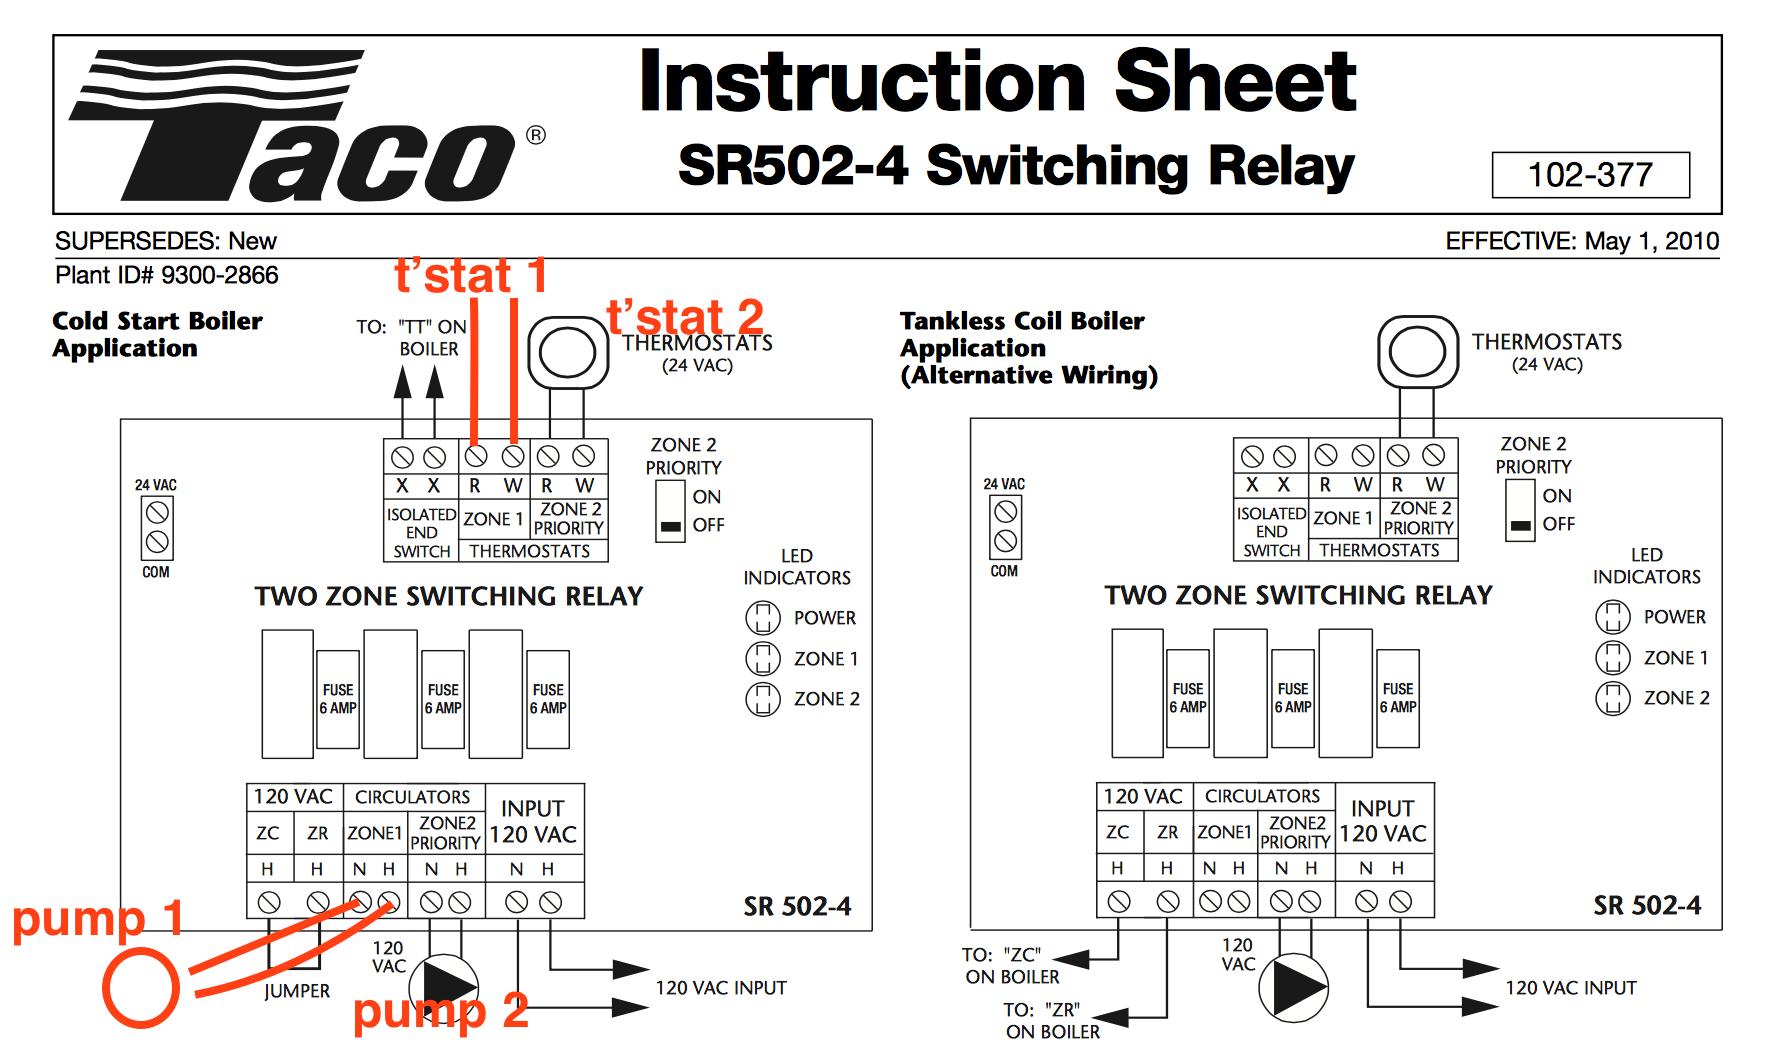 dd924aaeab9192997346f0501a5efd?resize\=665%2C395\&ssl\=1 thermolec plenum heater wiring diagram gandul 45 77 79 119  at gsmx.co